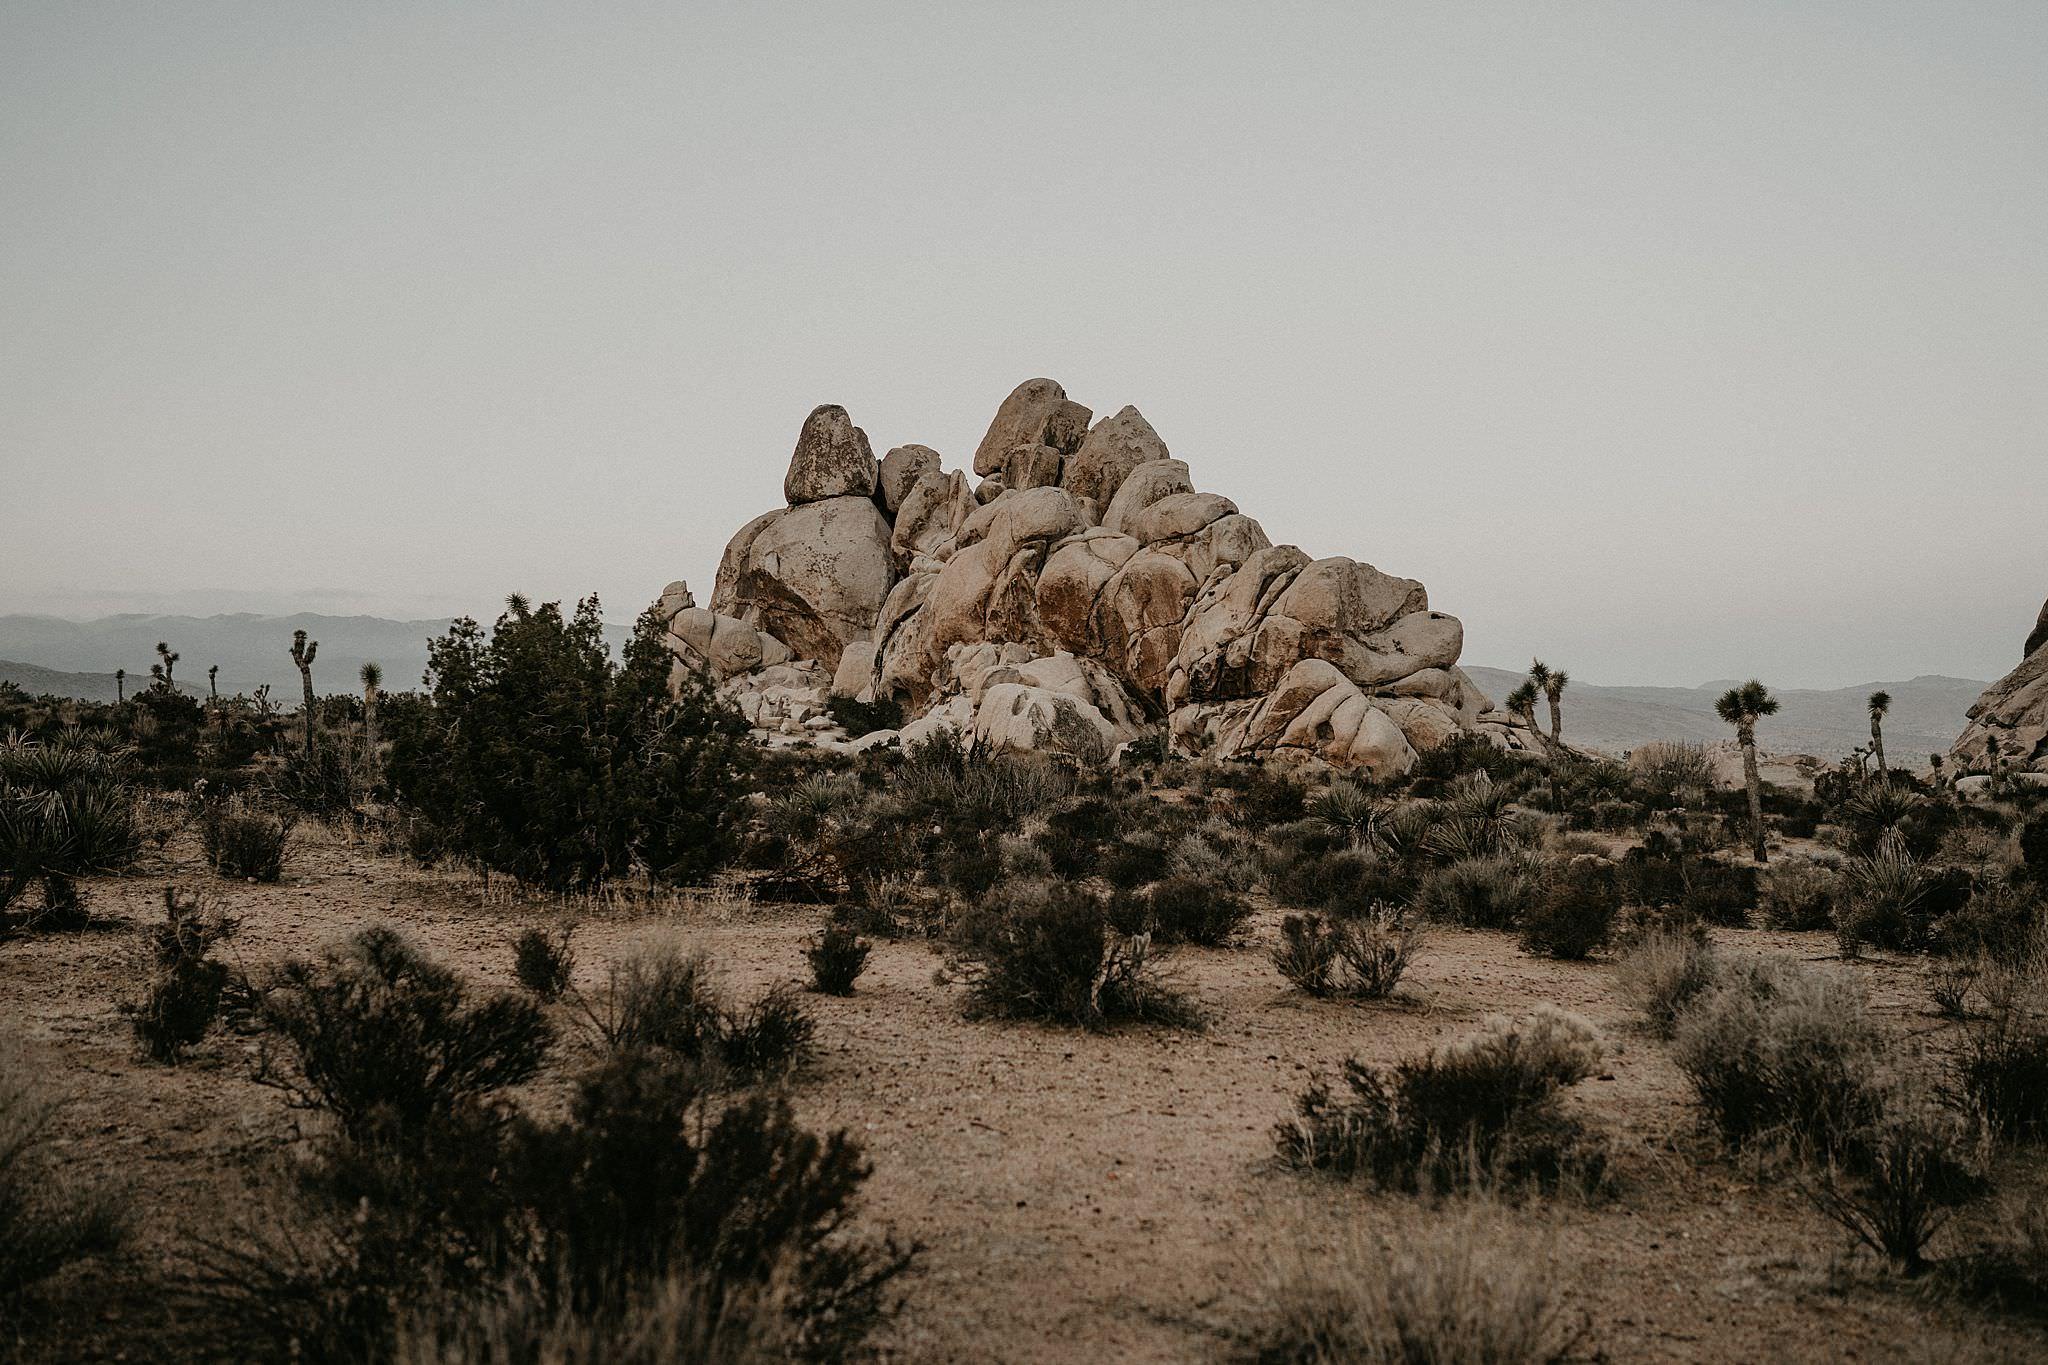 Joshua Tree National Park Skull Rocks Hidden Valley Trail